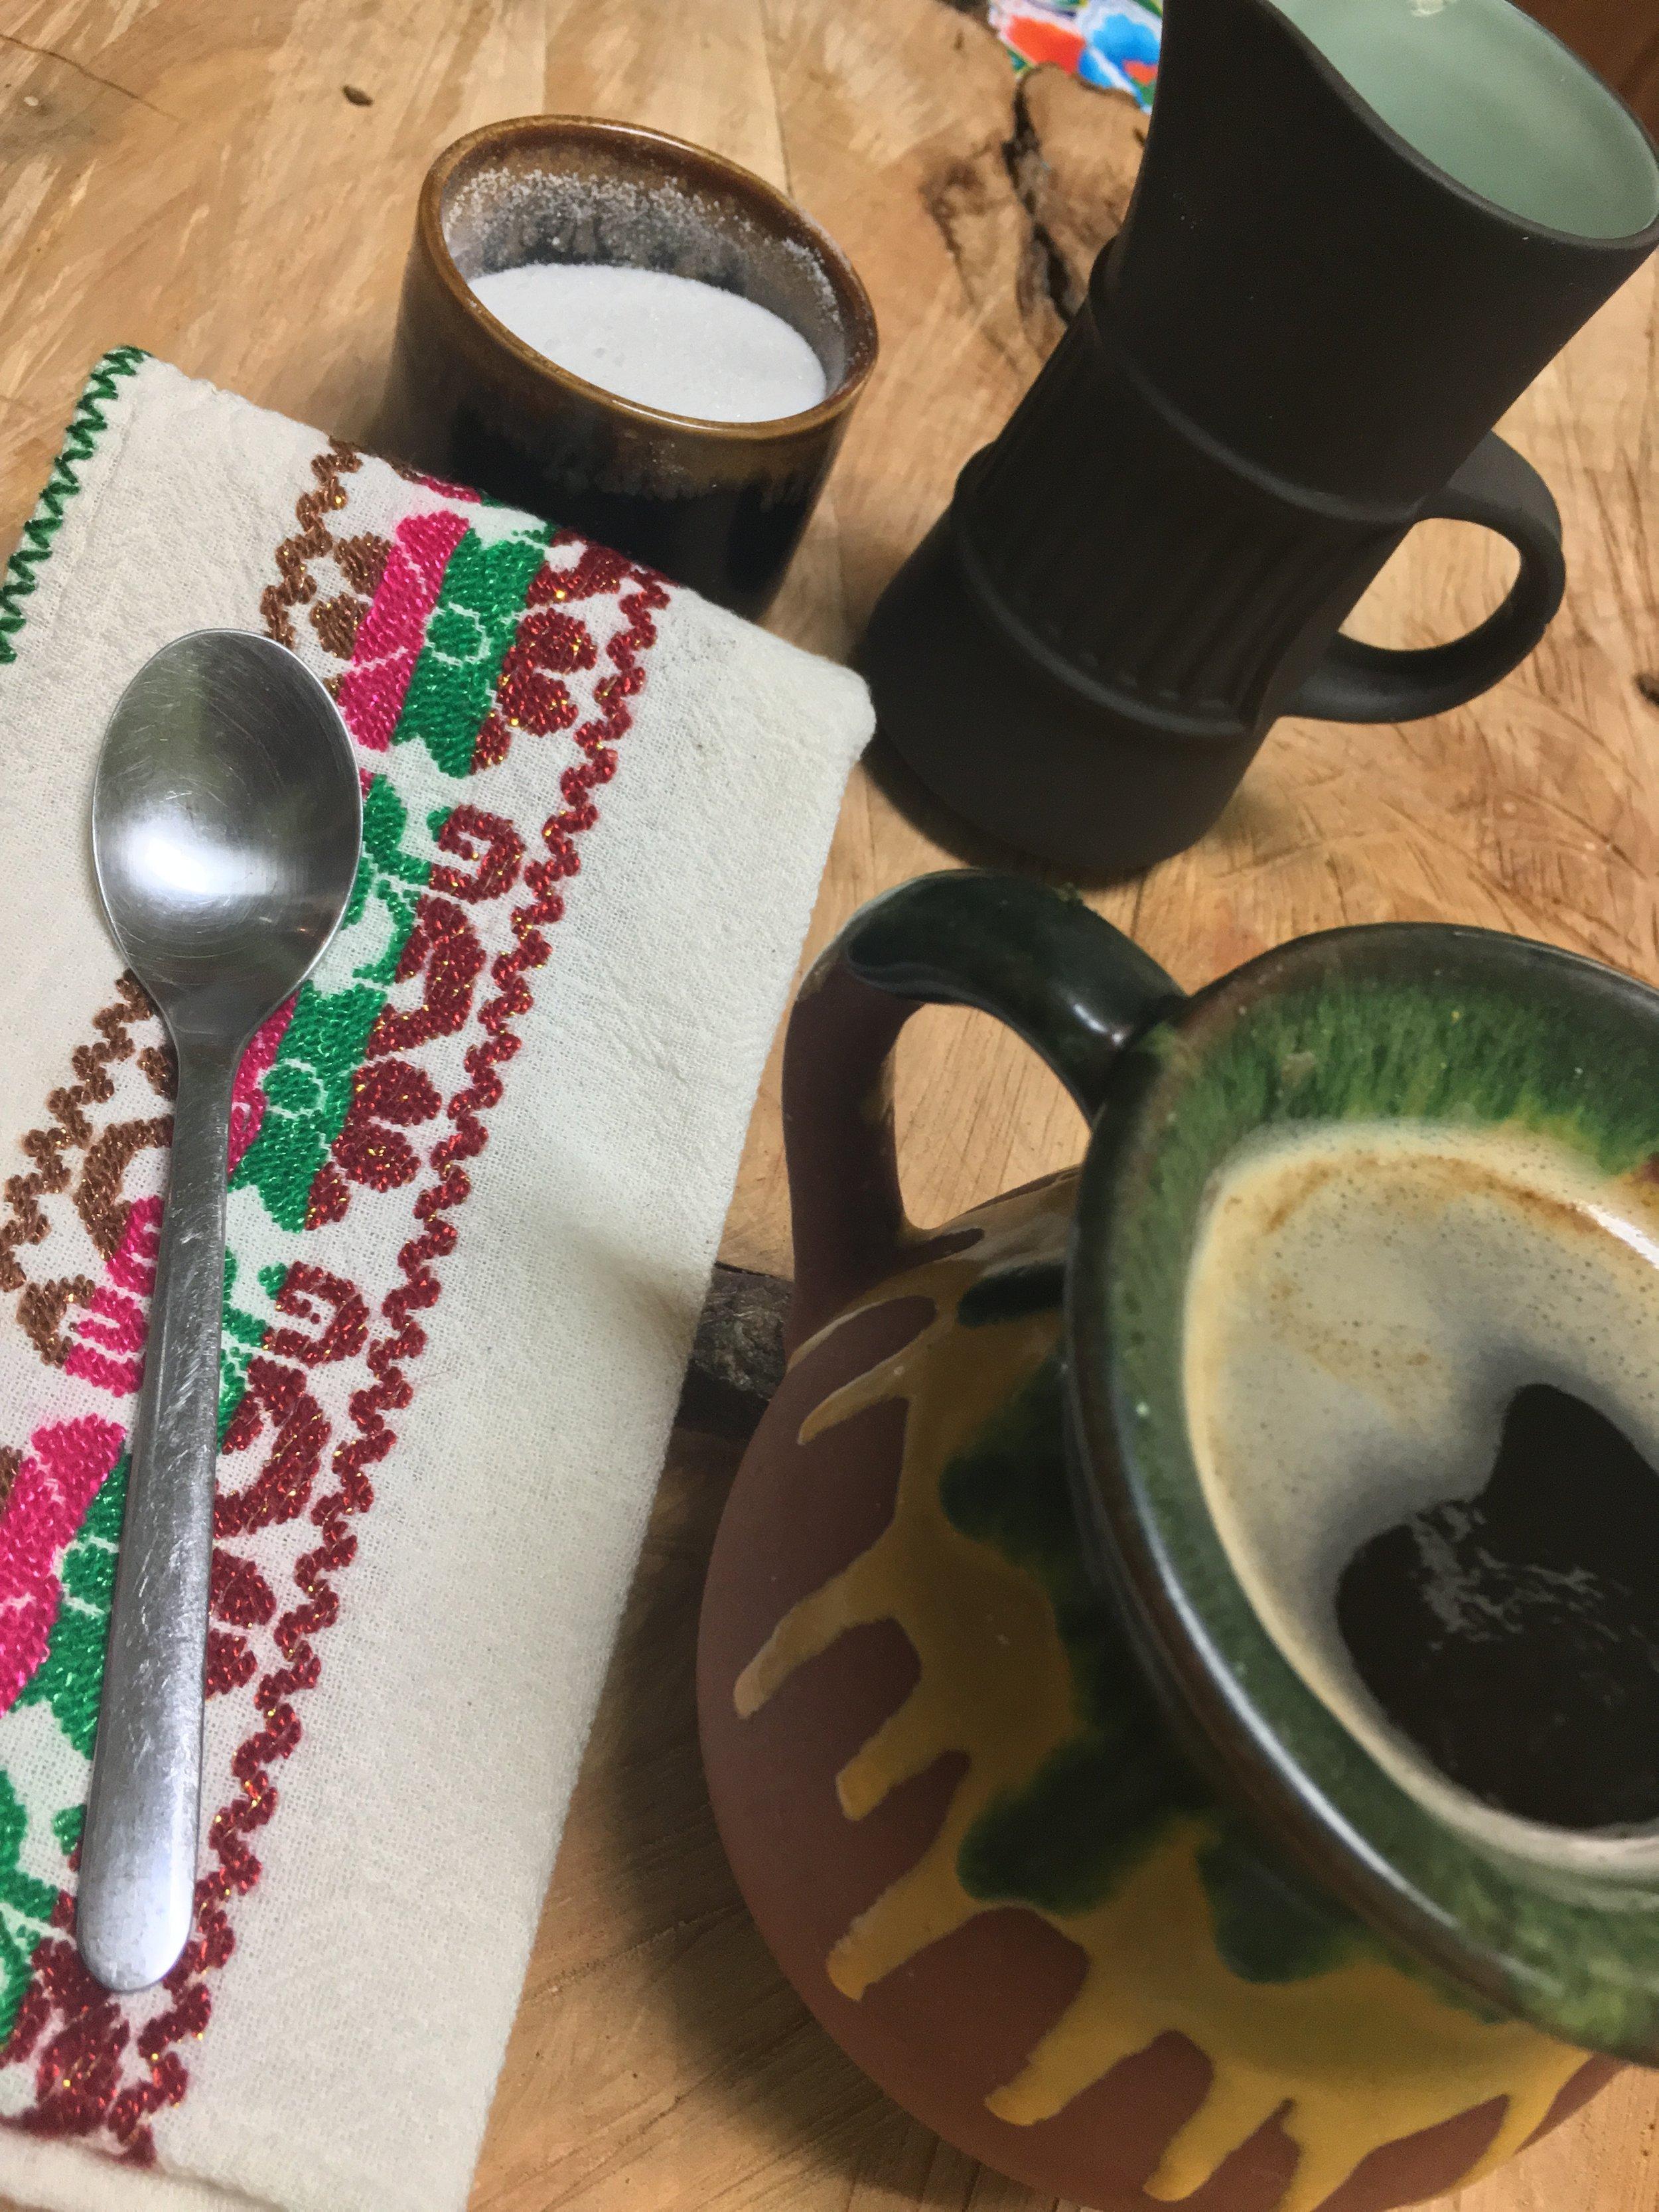 1. Mexican Coffee or Cafe de Olla con Canela